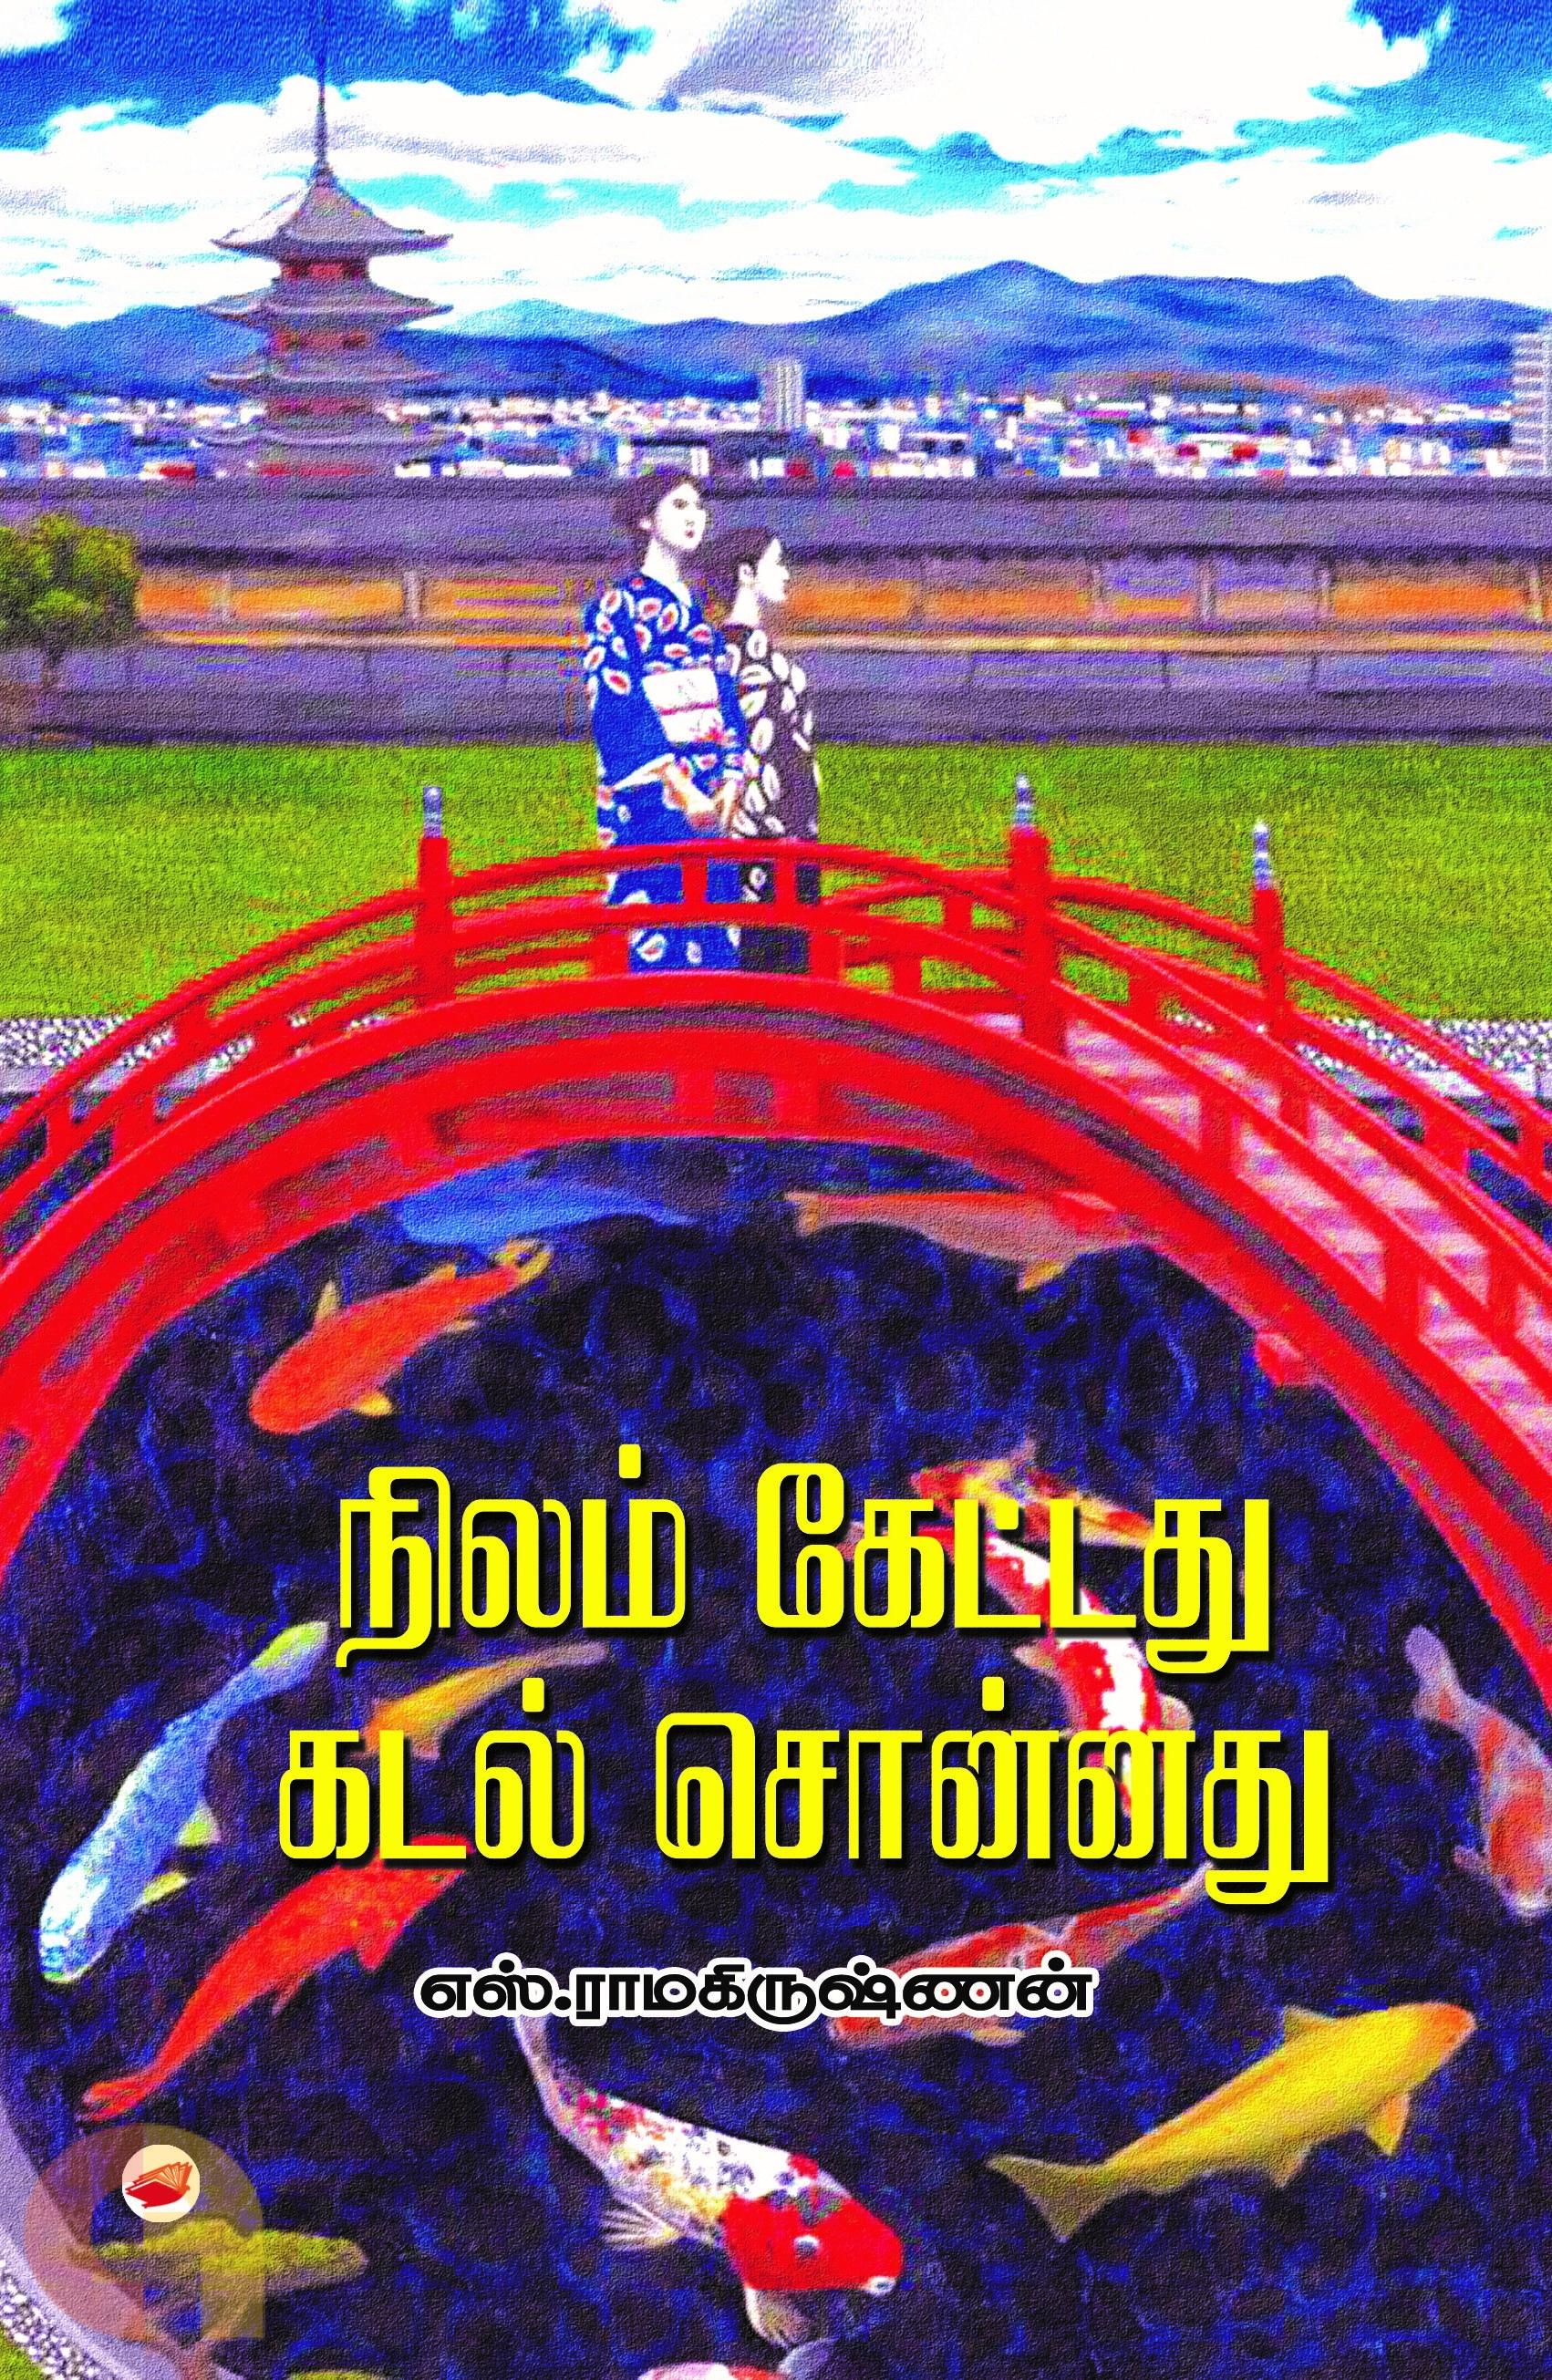 நிலம் கேட்டது கடல் சொன்னது (தேசாந்திரி)